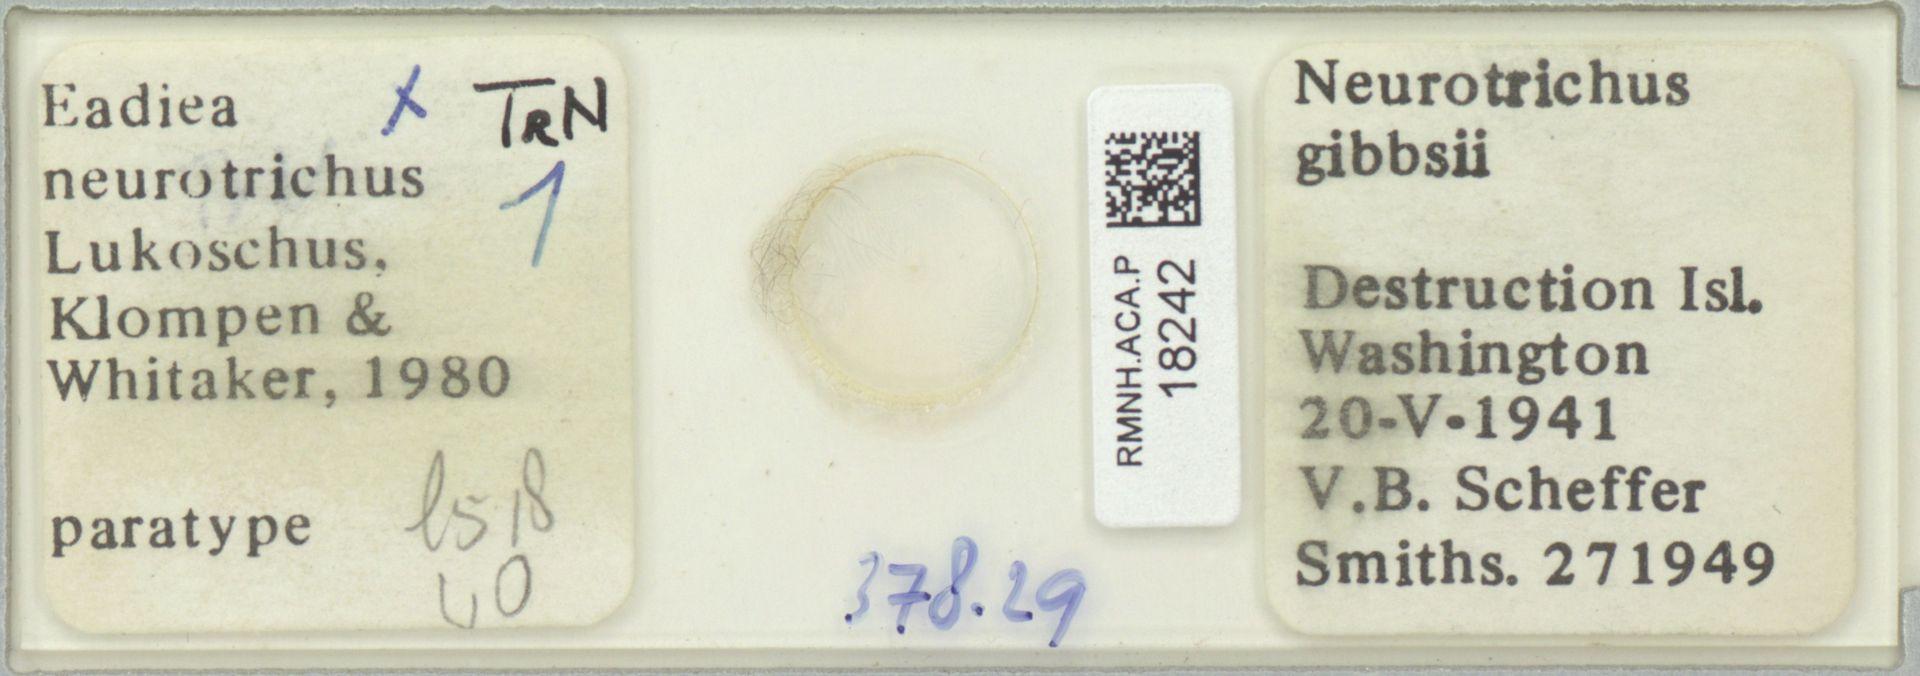 RMNH.ACA.P.18242 | Eadiea neurotrichus